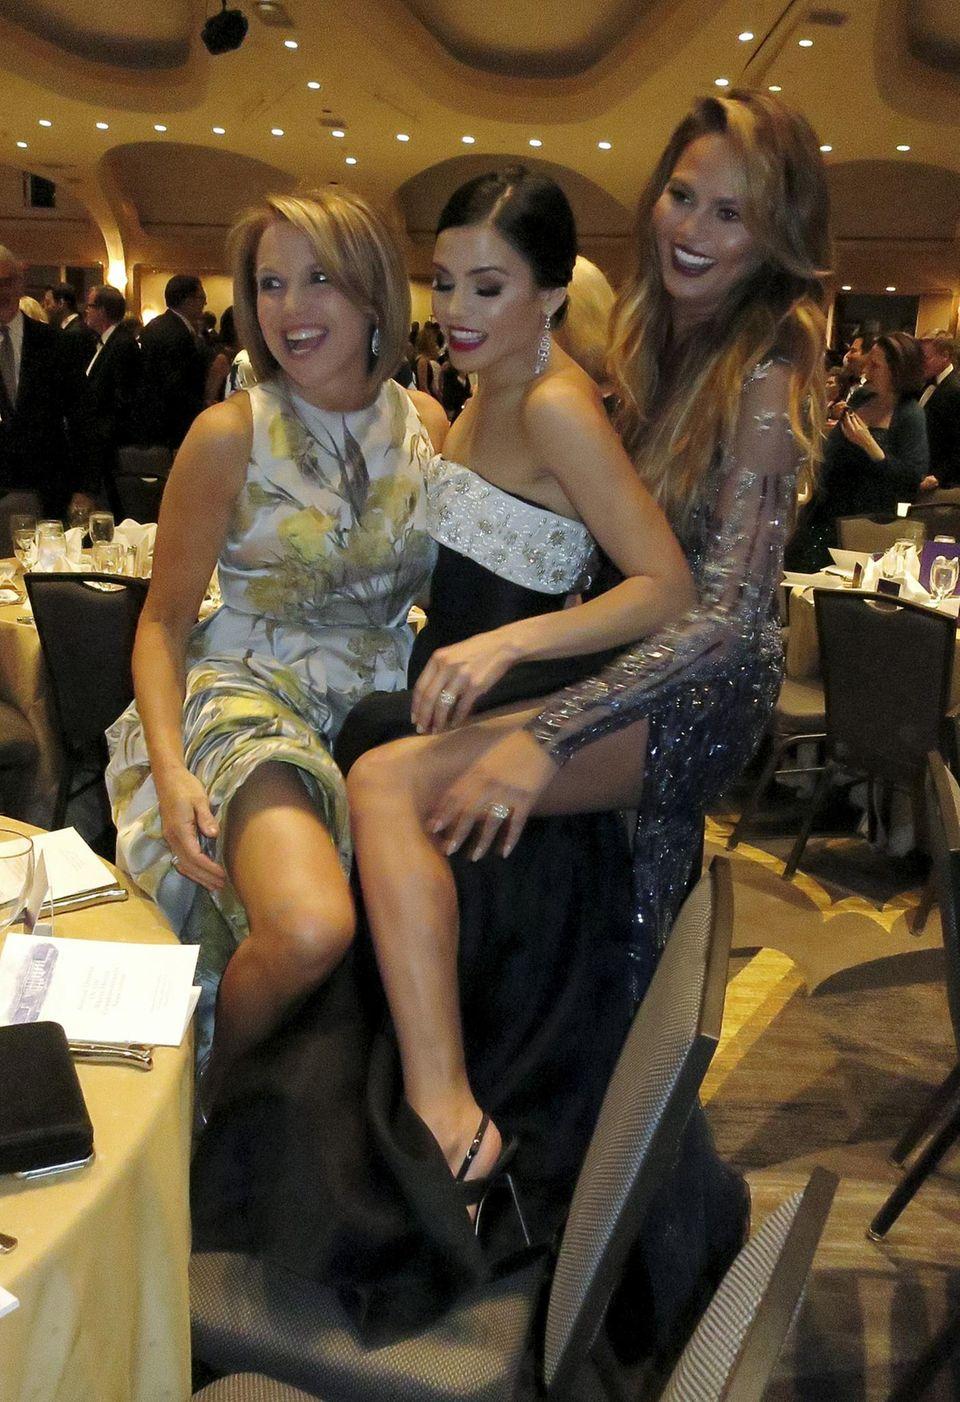 Chrissy Teigen (rechts) vergleicht ihre Modelbeine mit denen von Moderatorin Katie Couric. Schauspielerin Jenna Dewan-Tatum ist zwischen die Fronten geraten.